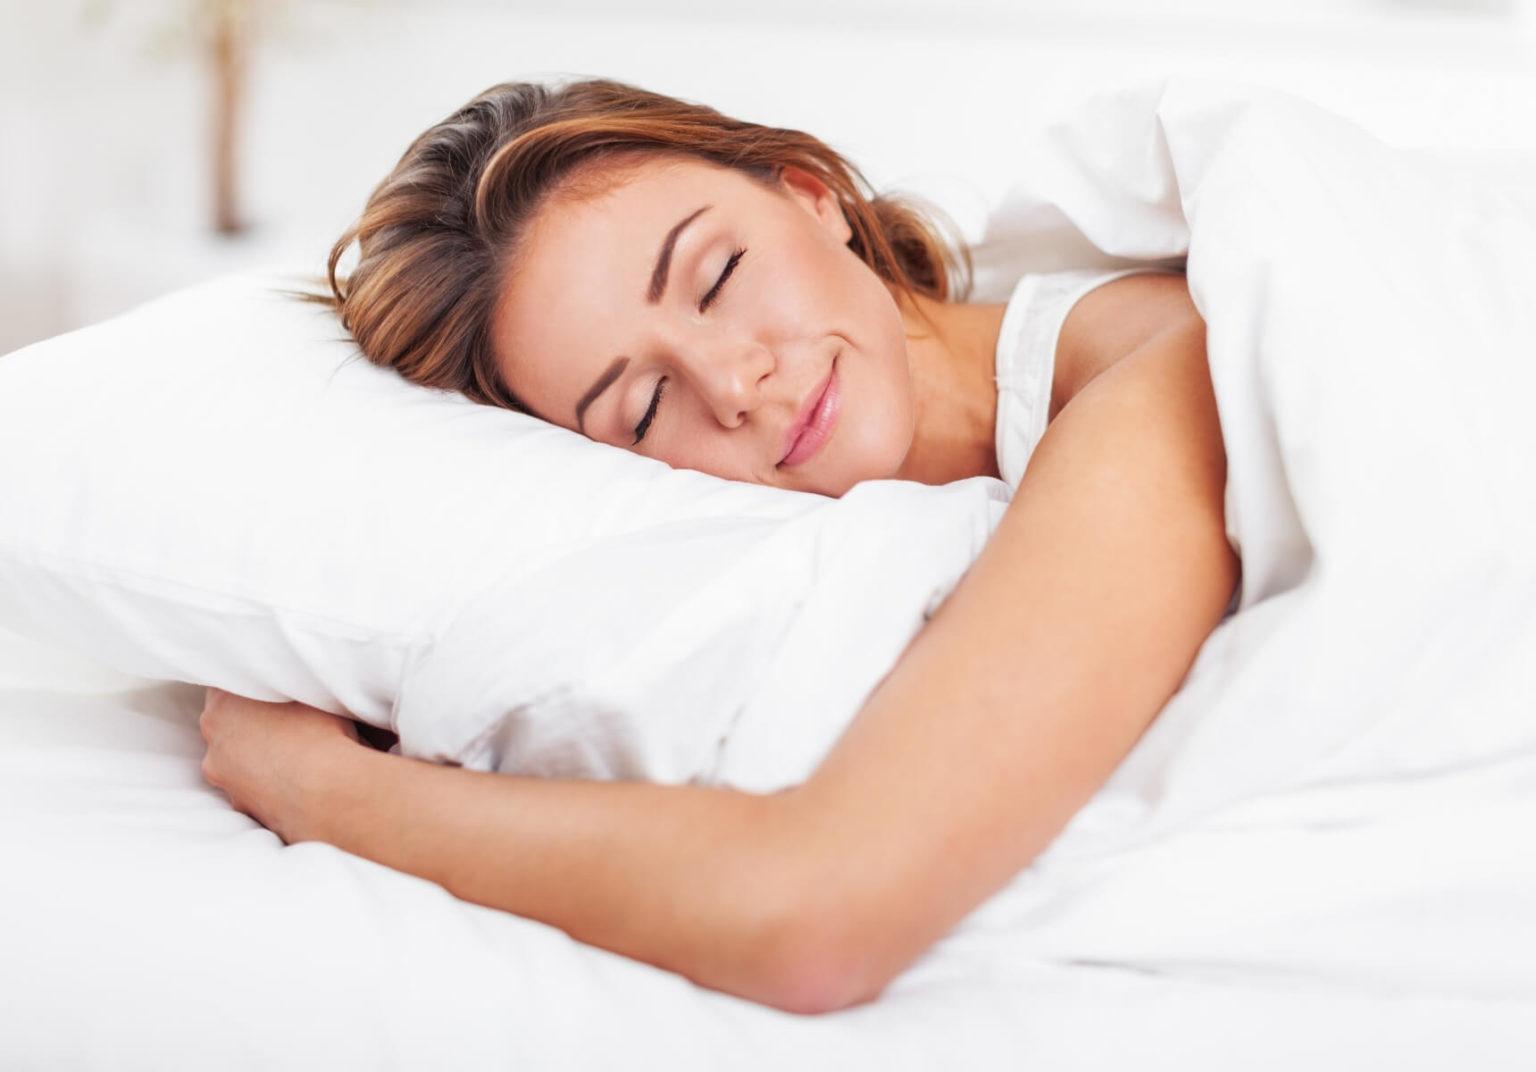 dormi-a-sufficienza